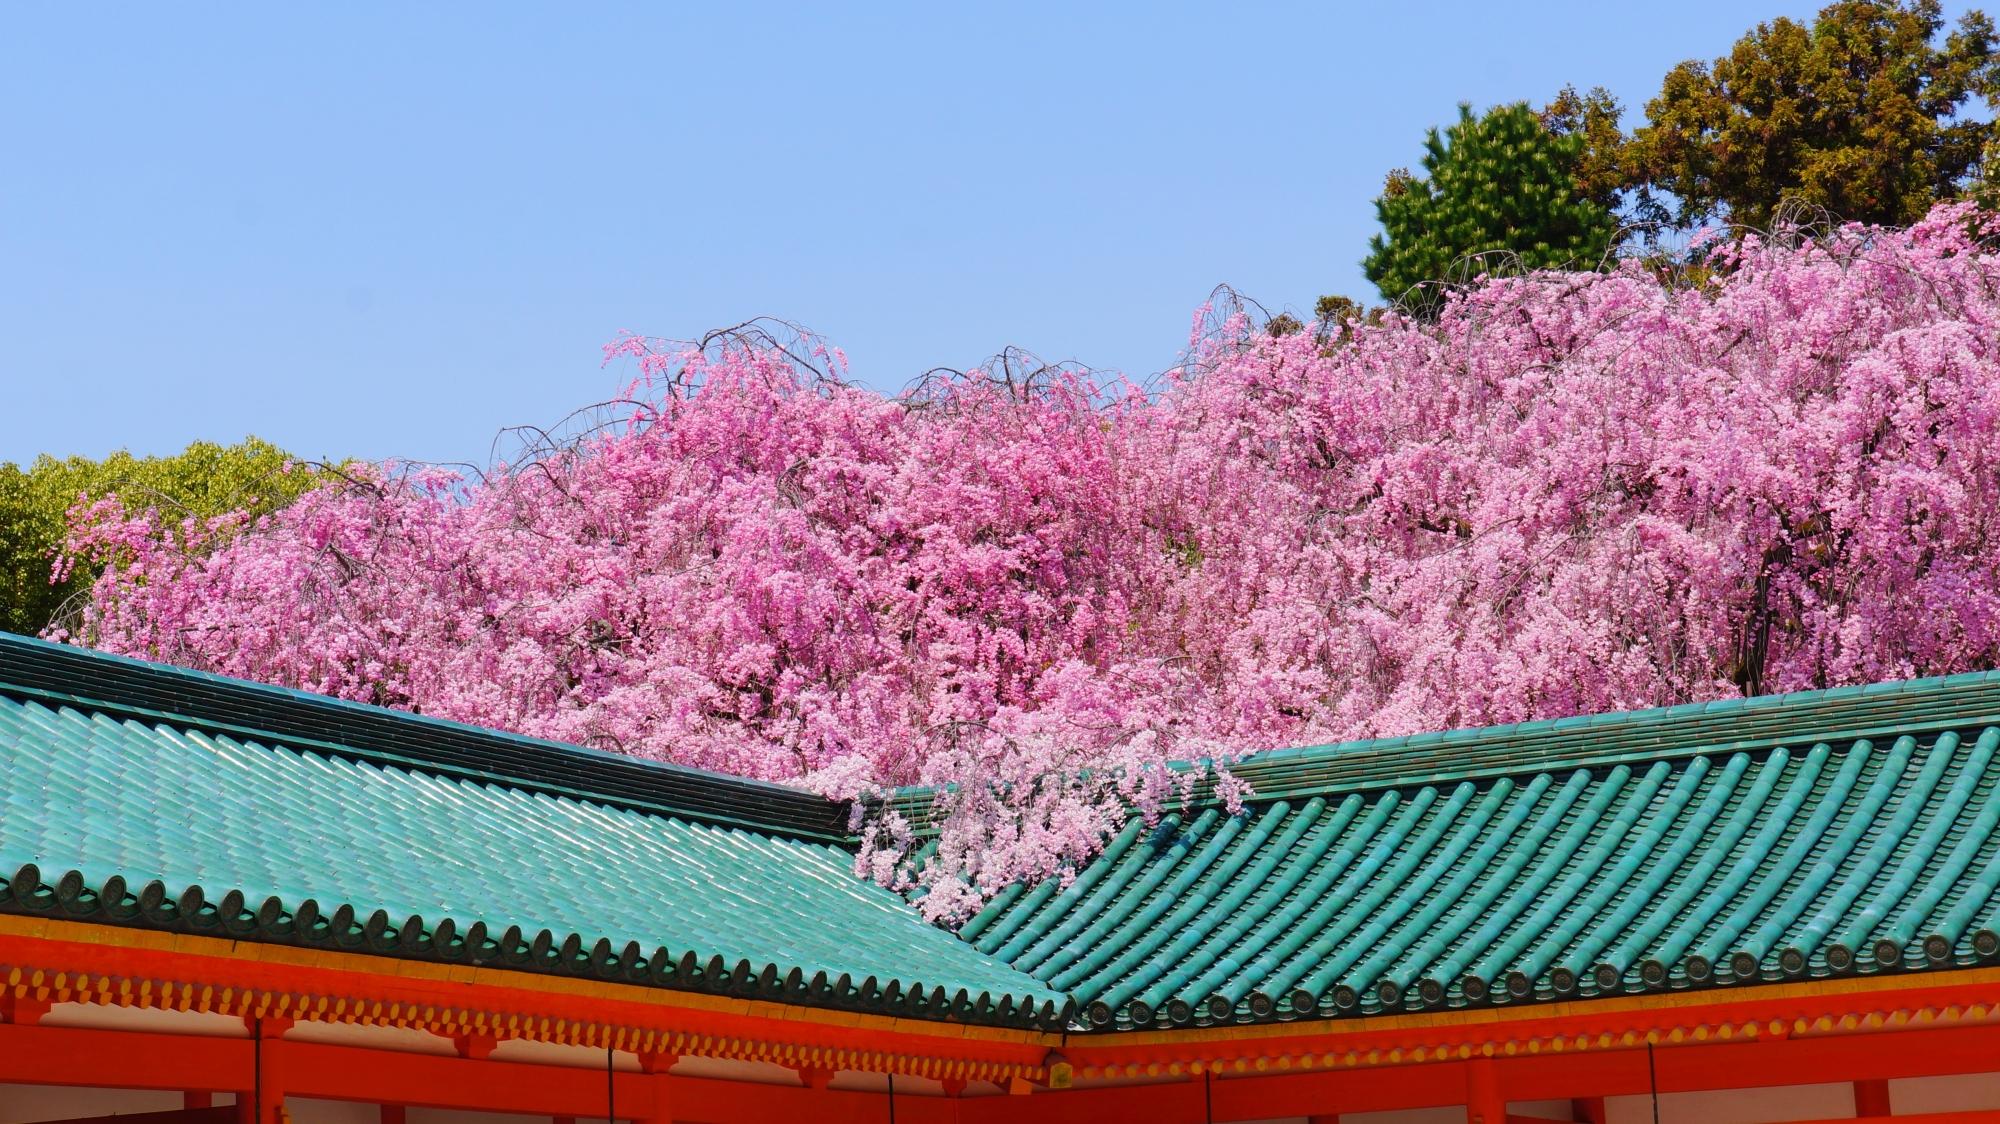 屋根から溢れ出す豪快に咲き誇る桜